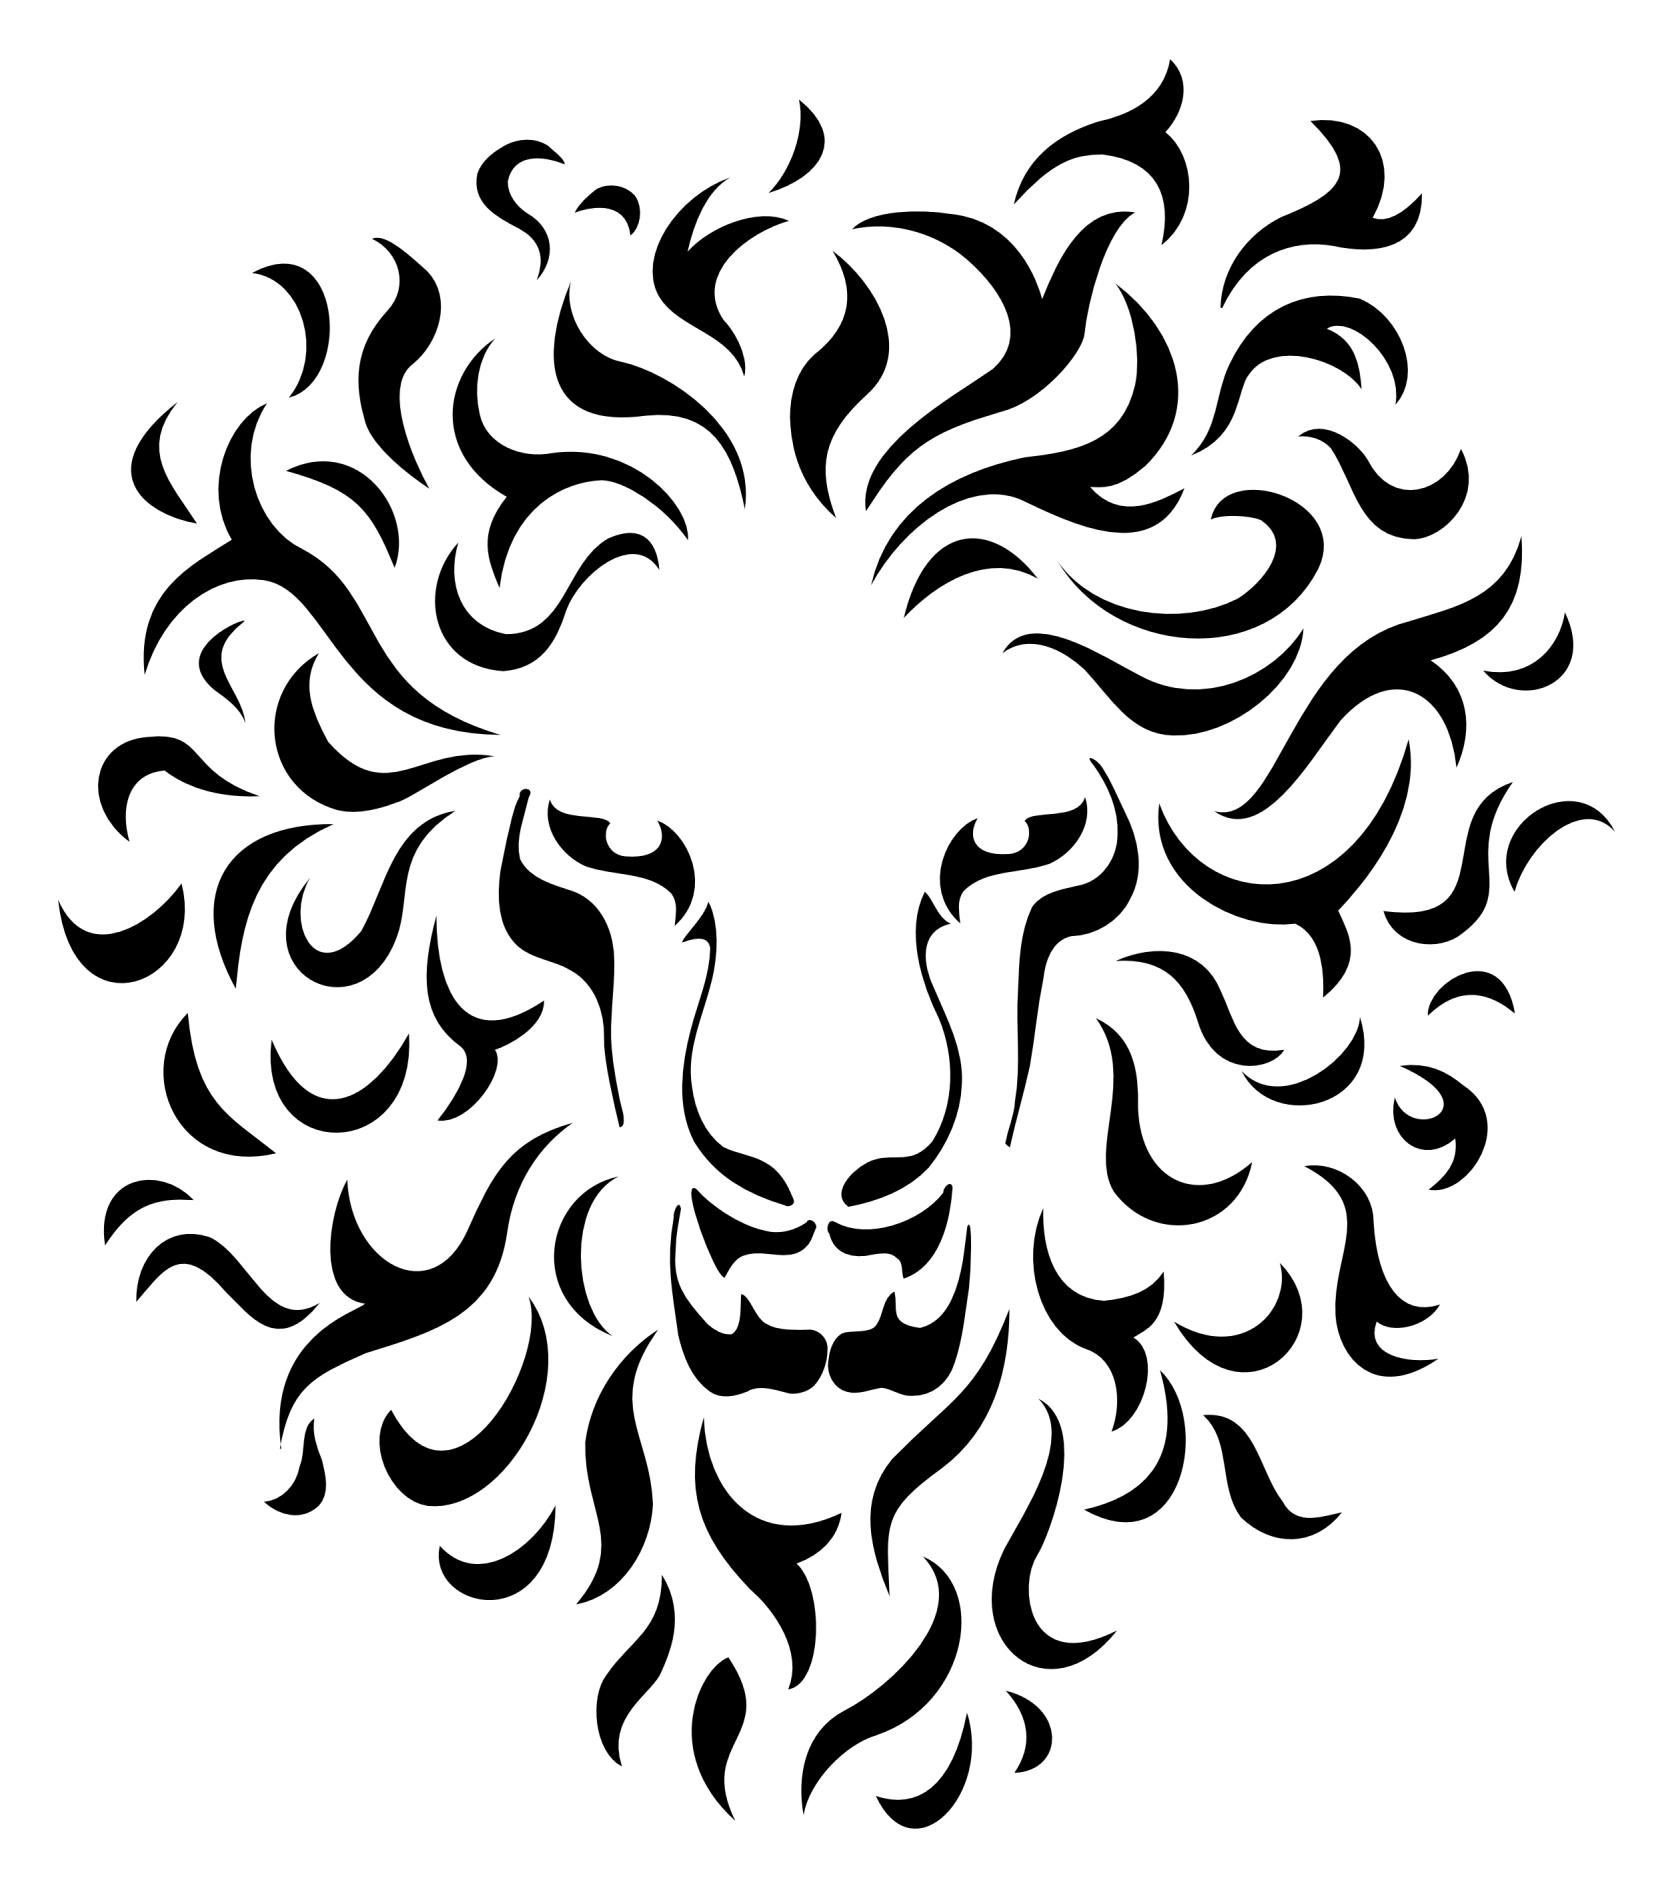 tatuaggio di leone coraggio forza tattoo tattoo design drawings. Black Bedroom Furniture Sets. Home Design Ideas